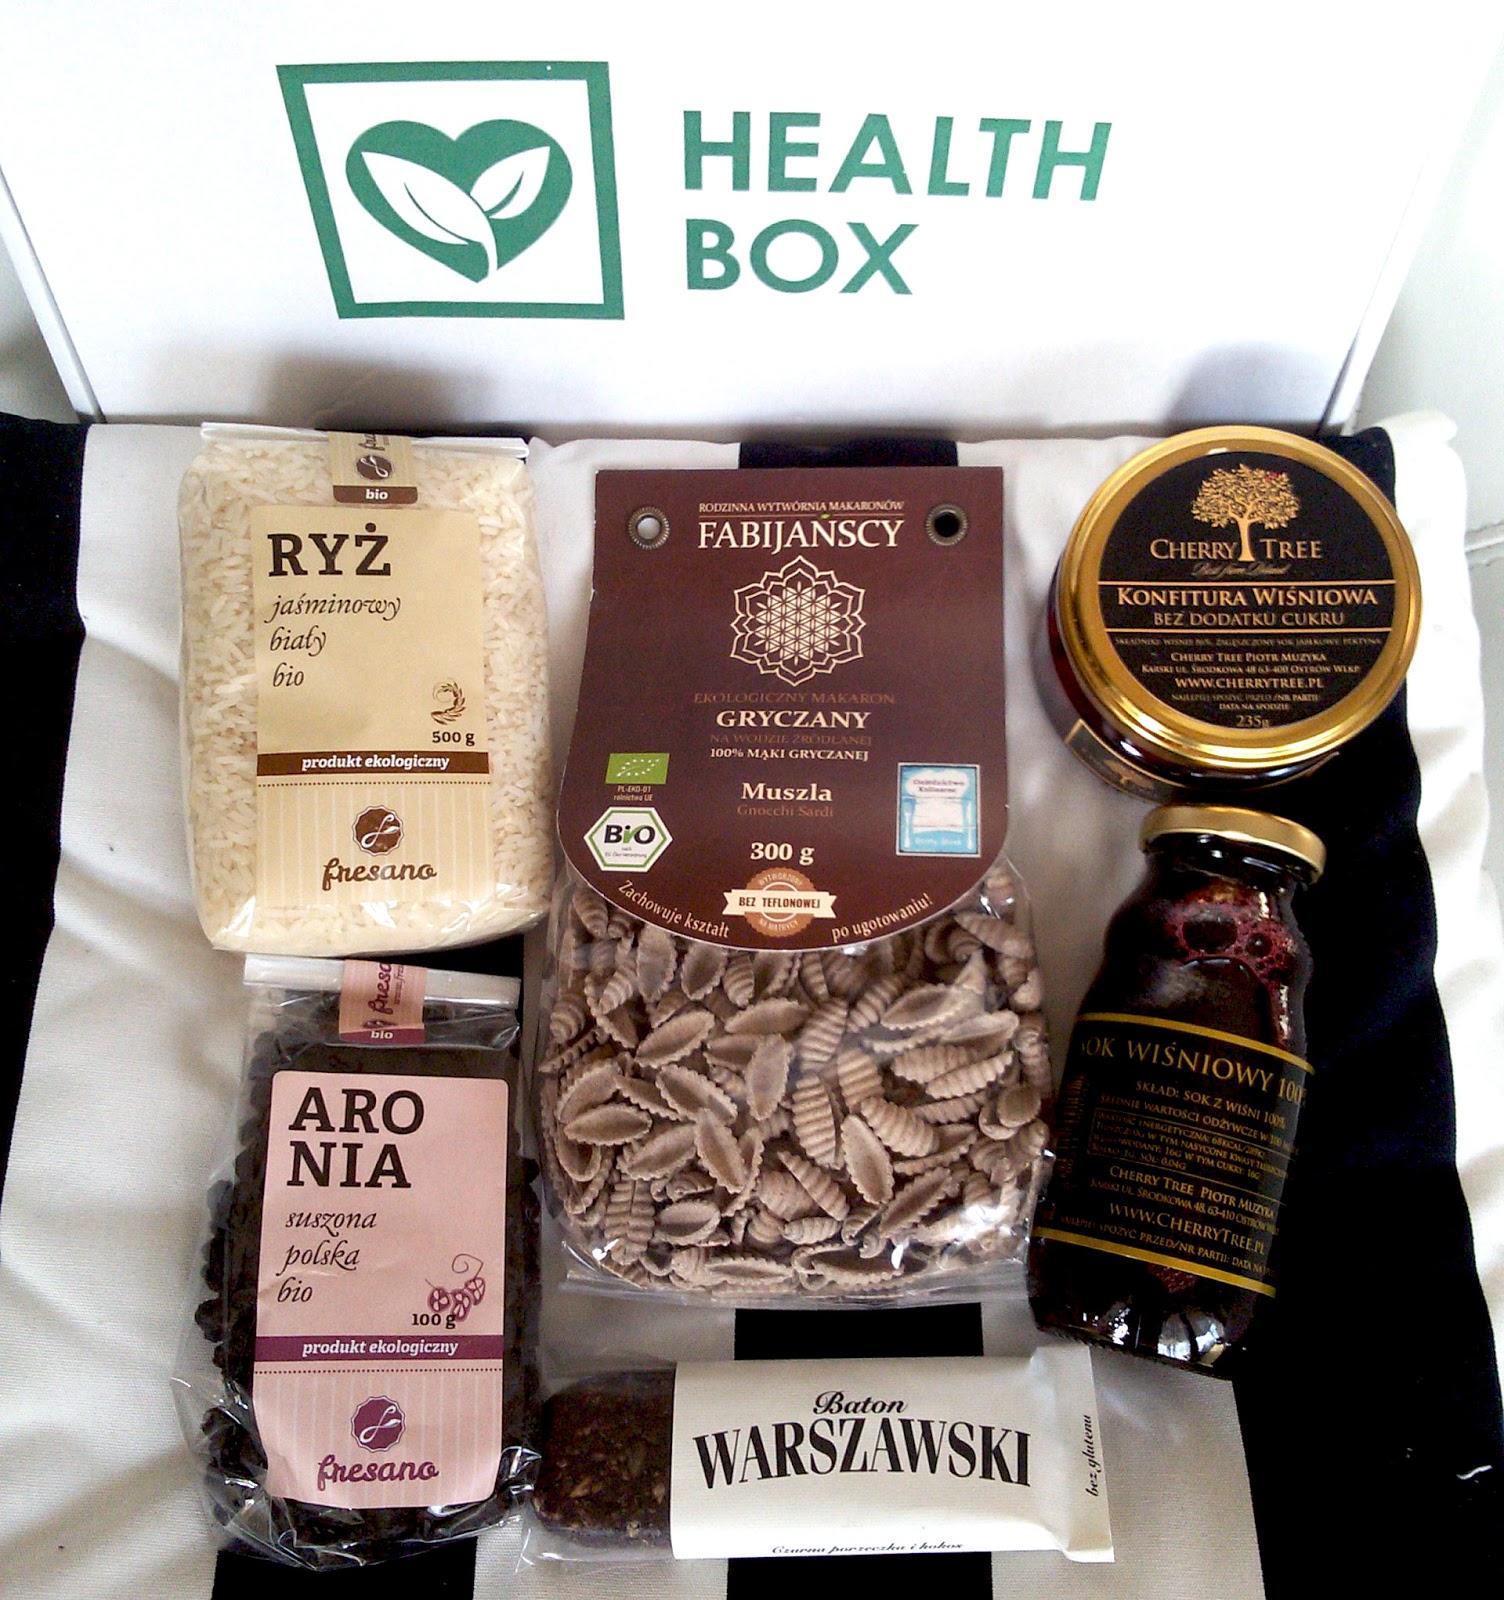 Health Box Edycja Lutowa Walentynkowa Katnova